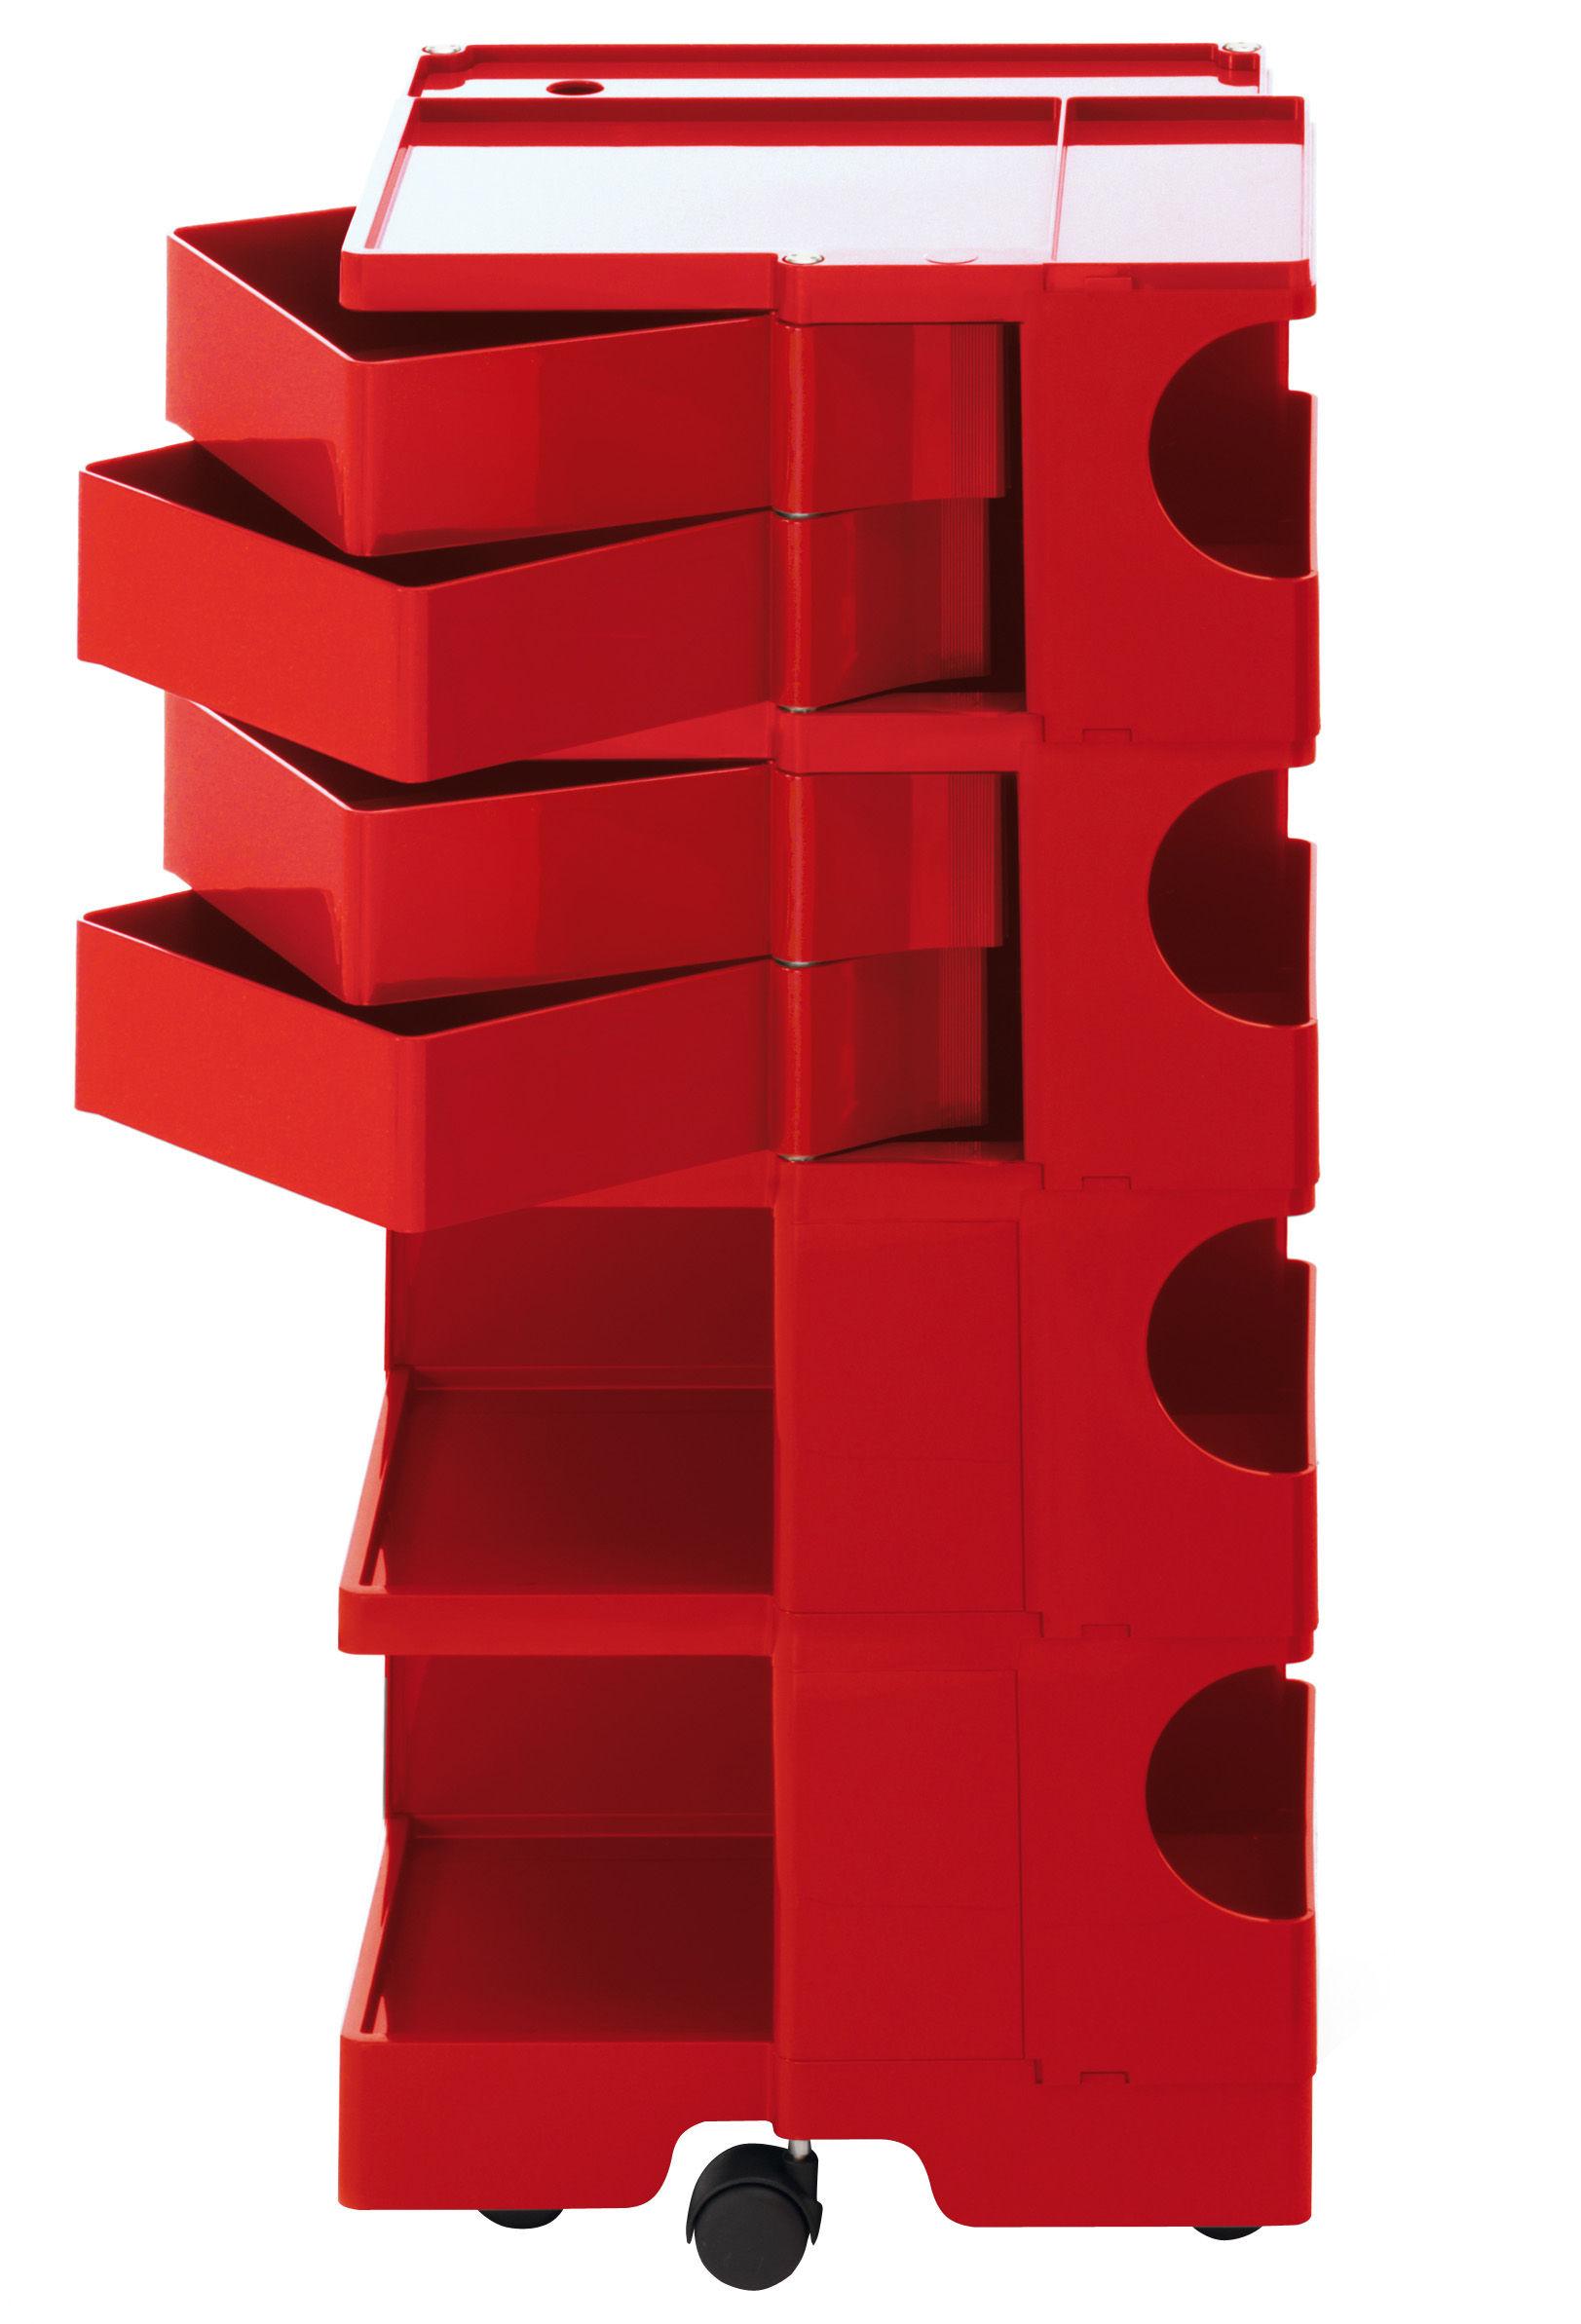 Arredamento - Complementi d'arredo - Carrello/tavolo d'appoggio Boby - h 94 di B-LINE - Rosso - ABS